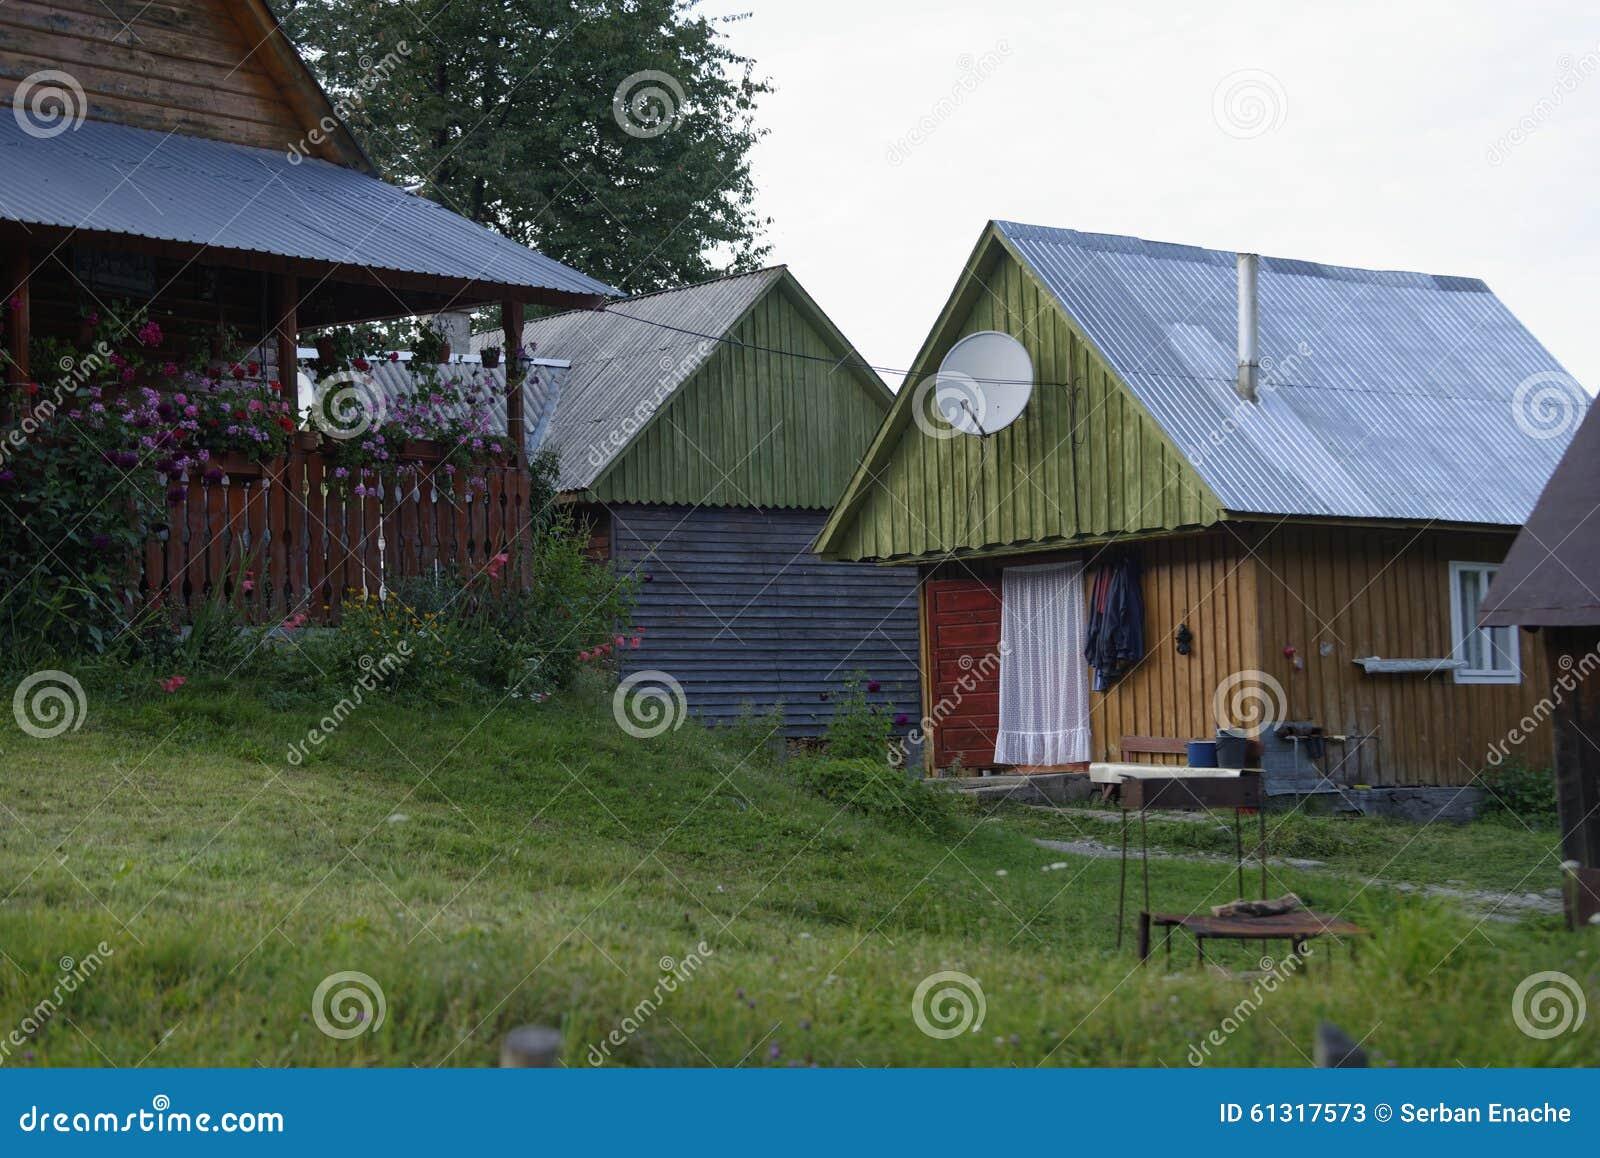 House in Apuseni Mountains, Transylvania, Romania